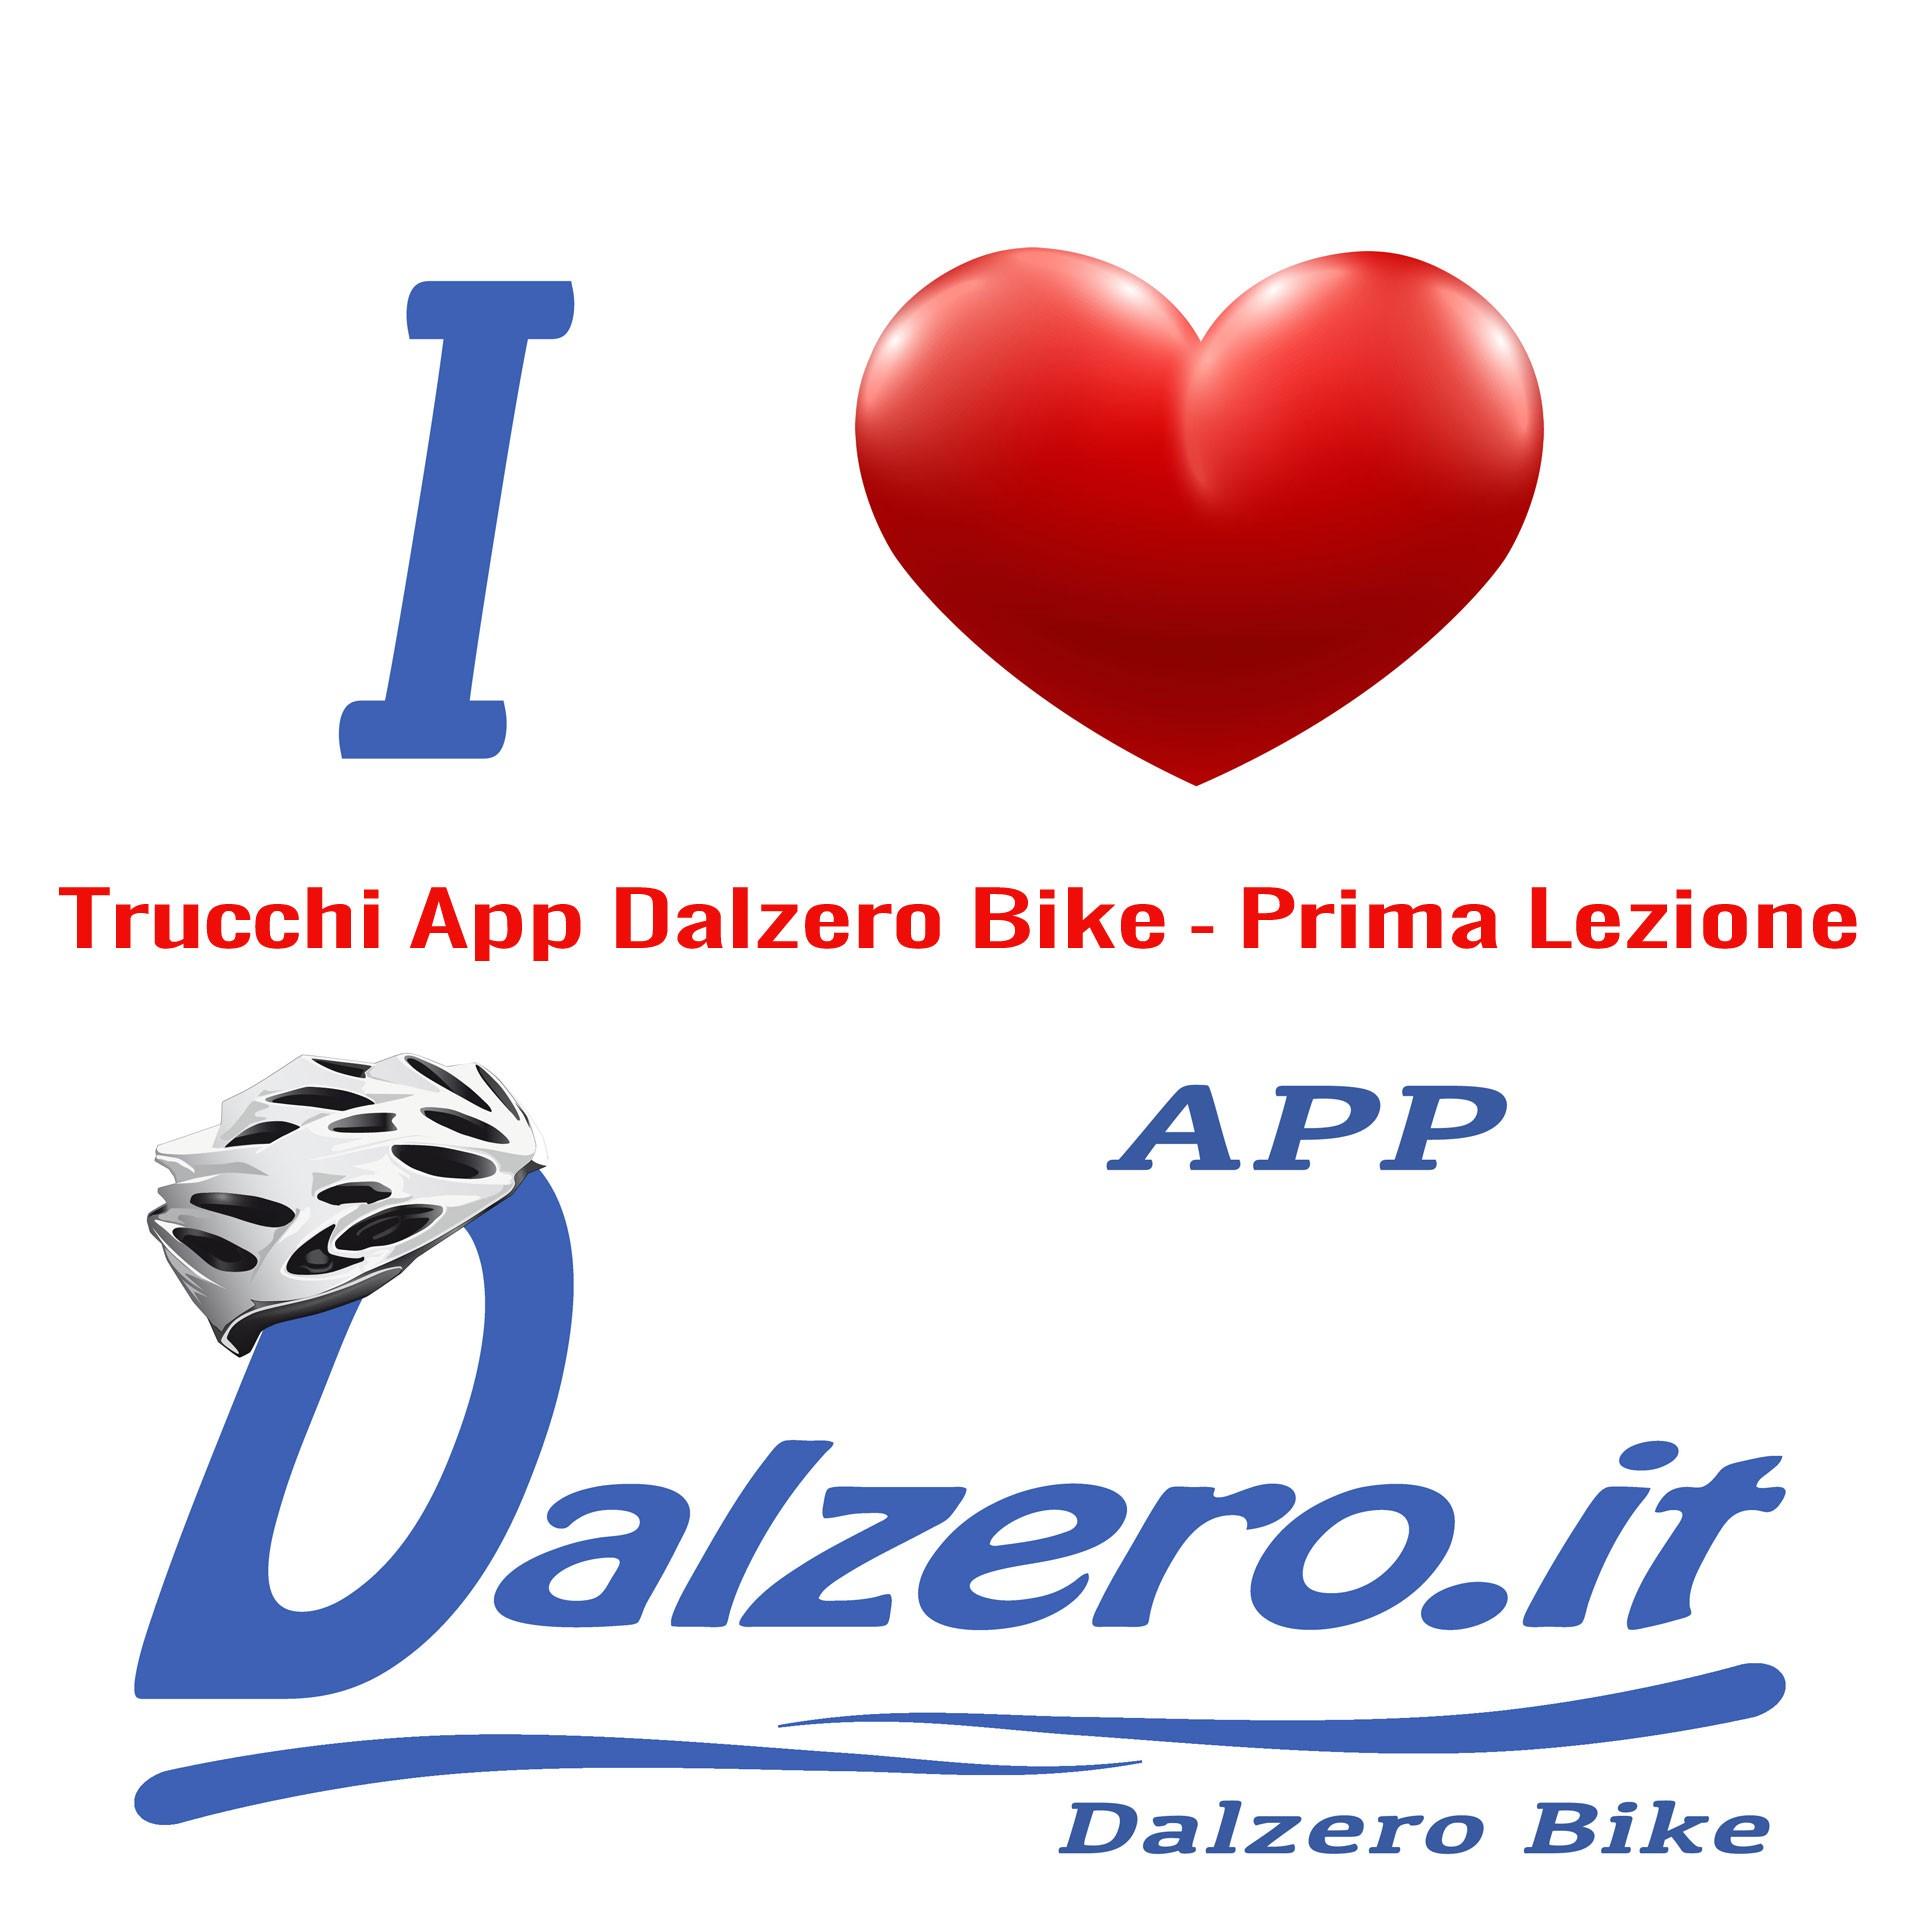 Trucchi APP Dalzero Bike - Prima Lezione